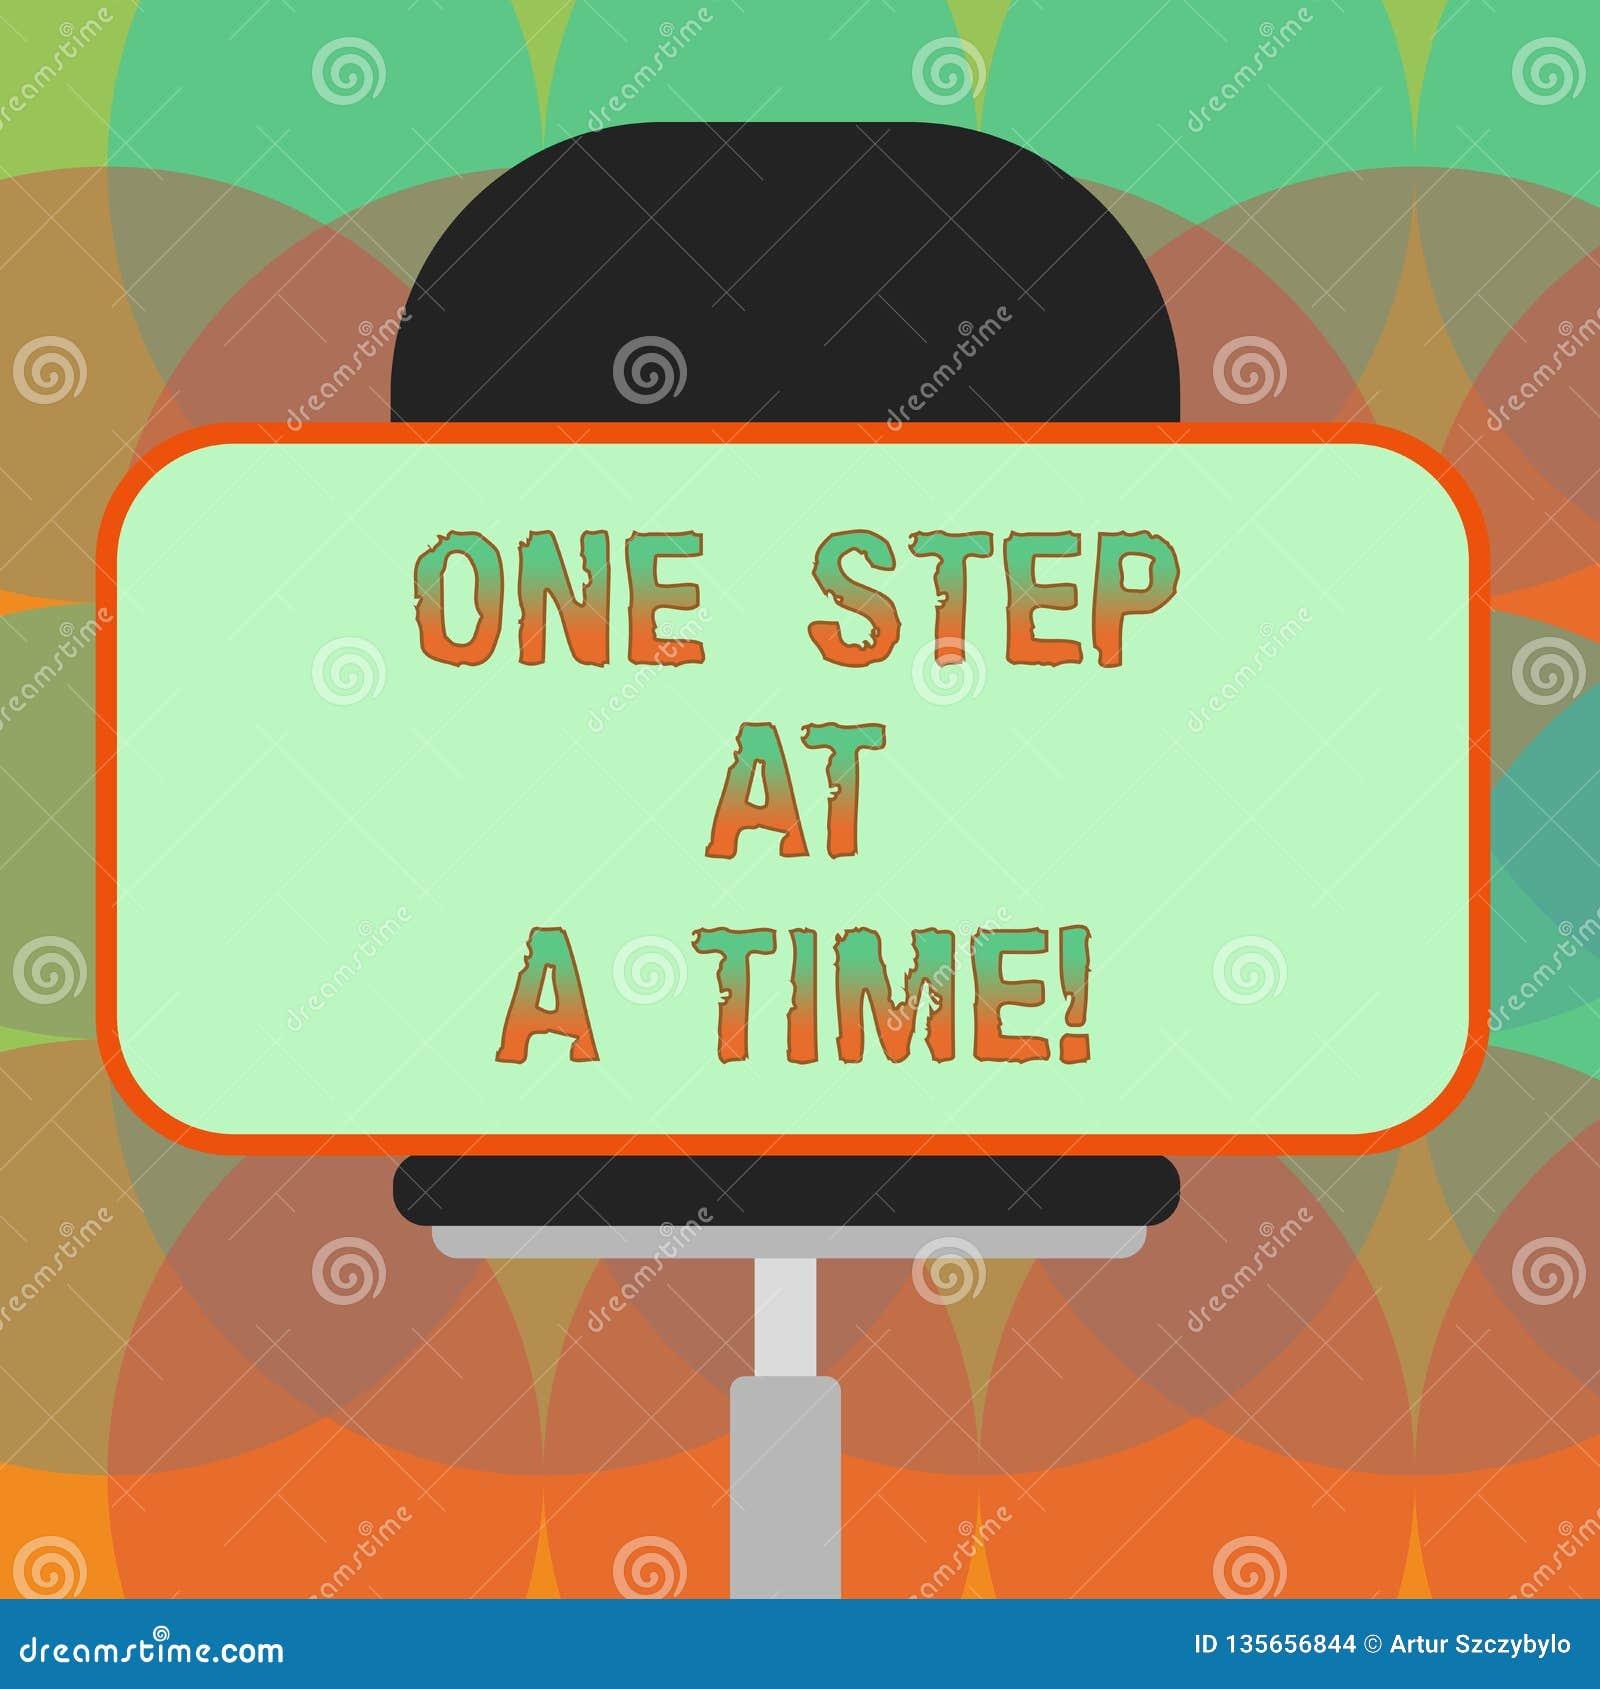 Ord som i sänder skriver text ett moment Affärsidé för små handlingar att gå långsamt men stadigt att nå framgångmellanrumet